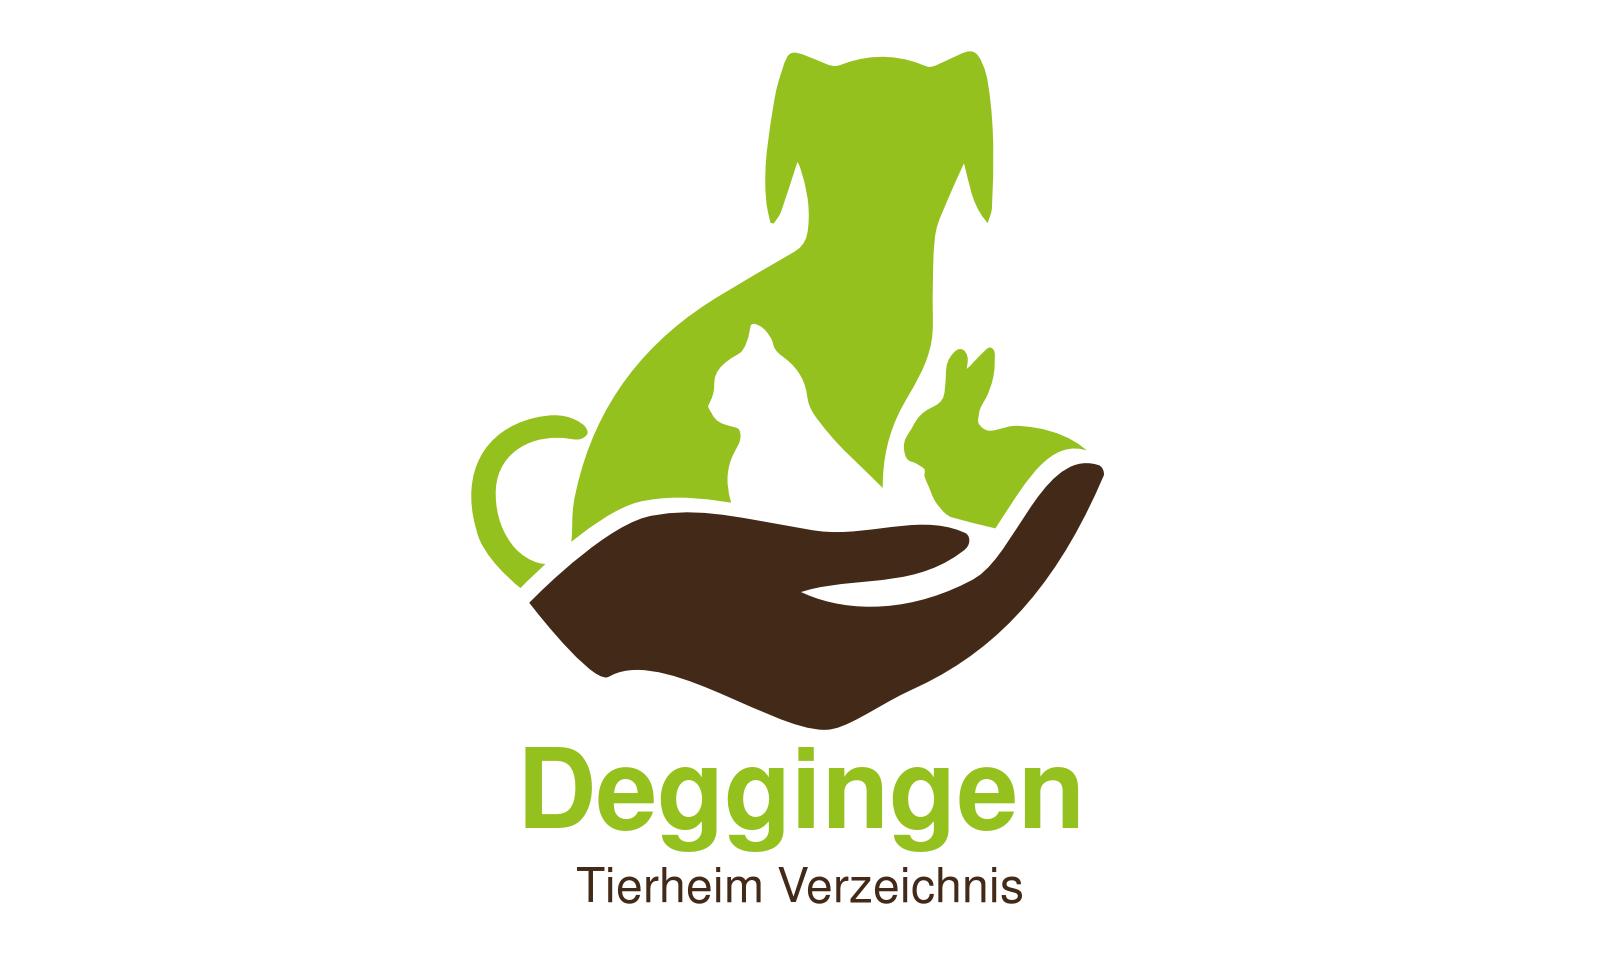 Tierheim Deggingen